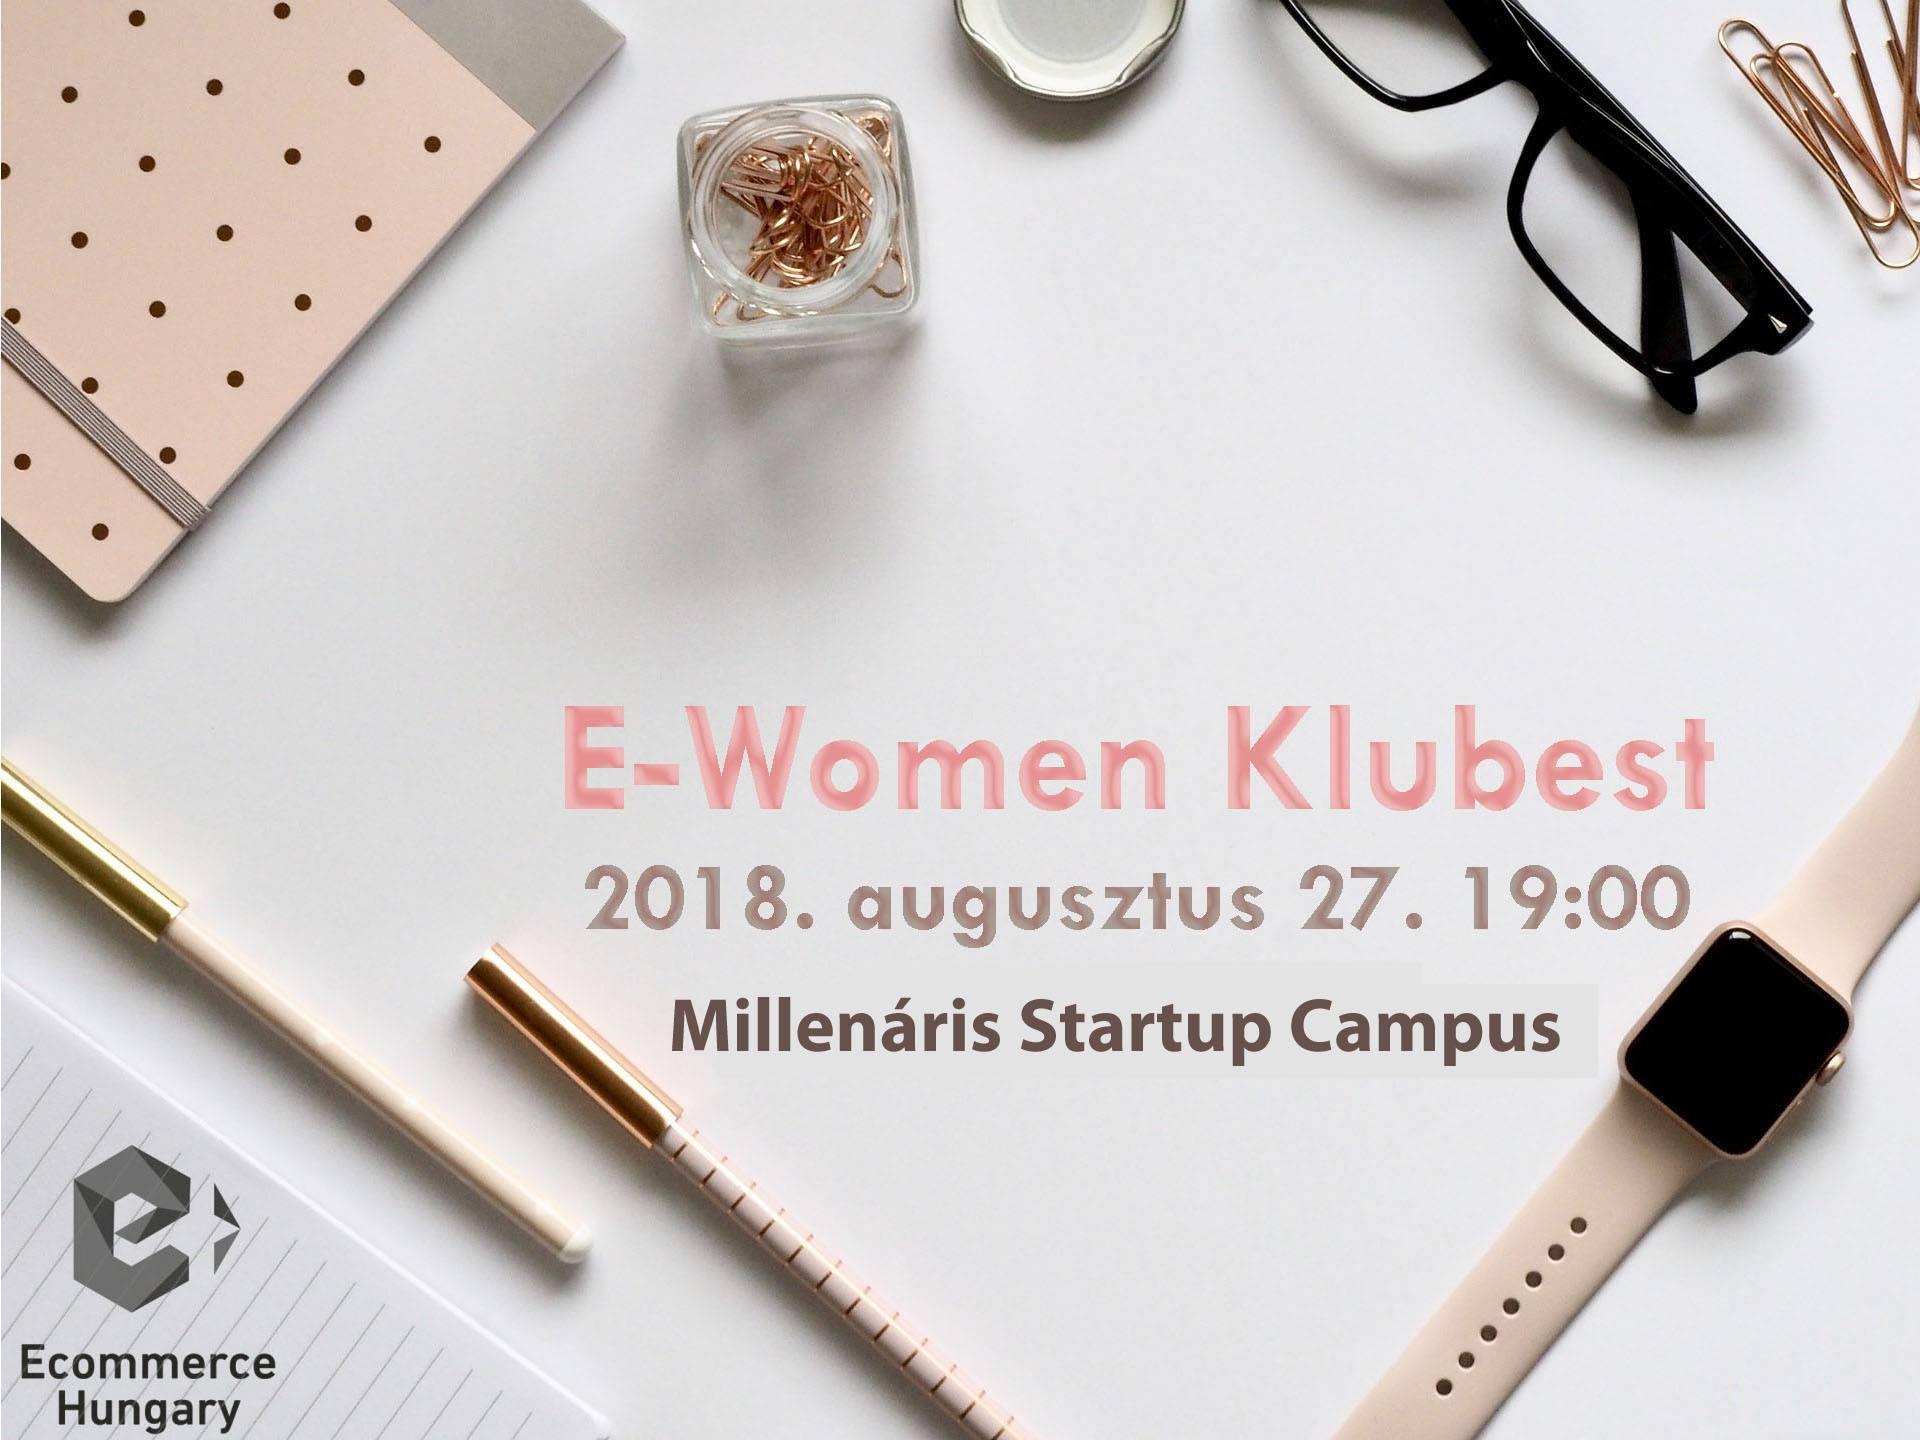 e-Women Klubest